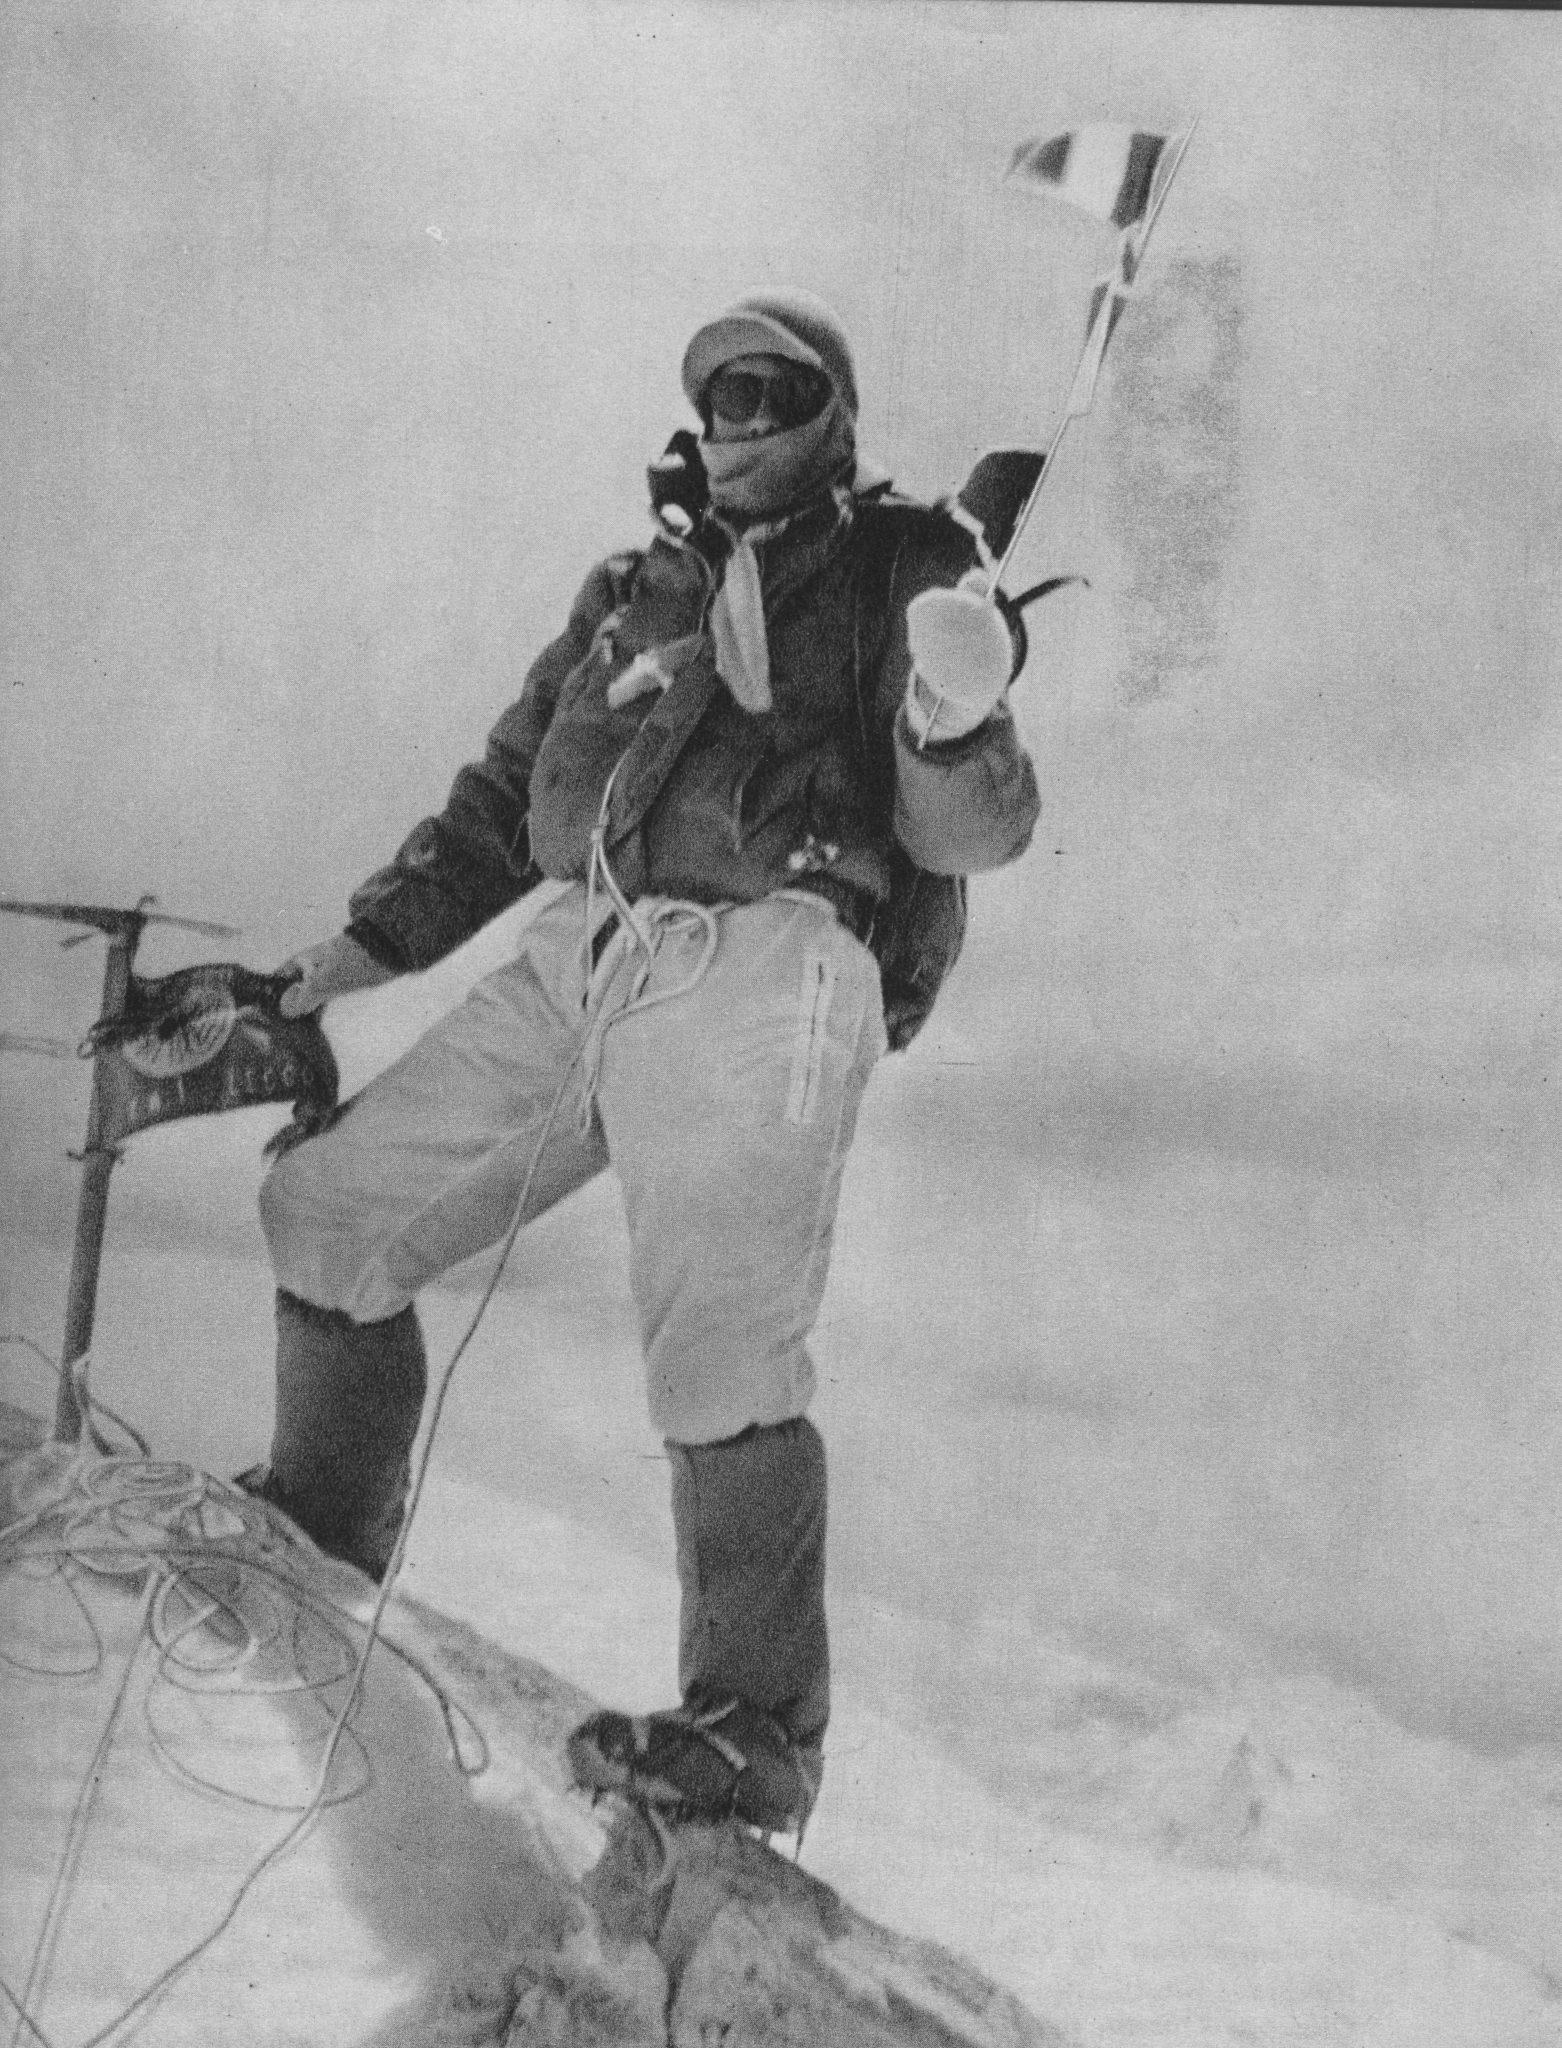 Carlo_Mauri_Gasherbrum_IV_summit